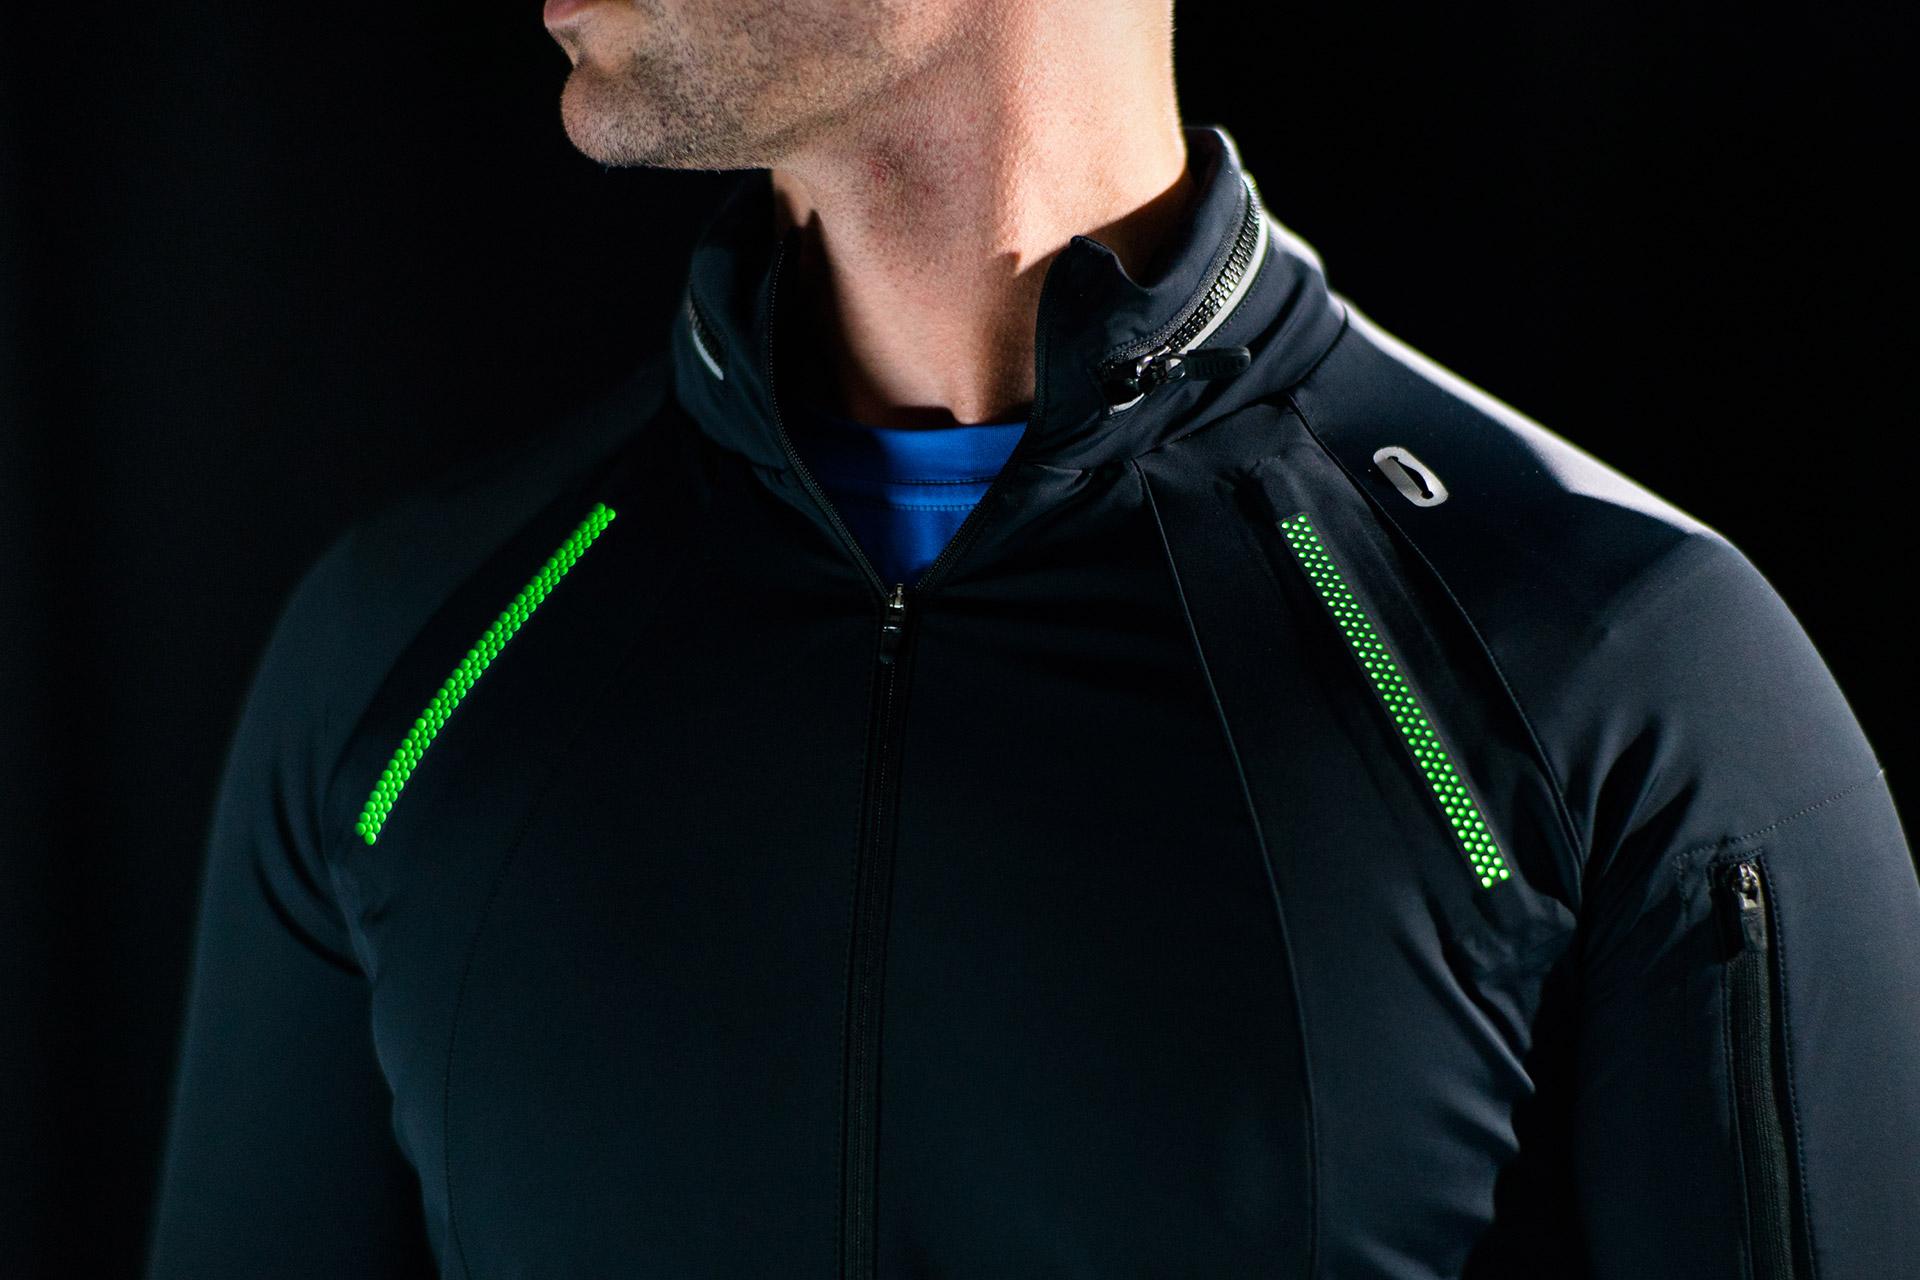 Nova LED Athletic Jacket